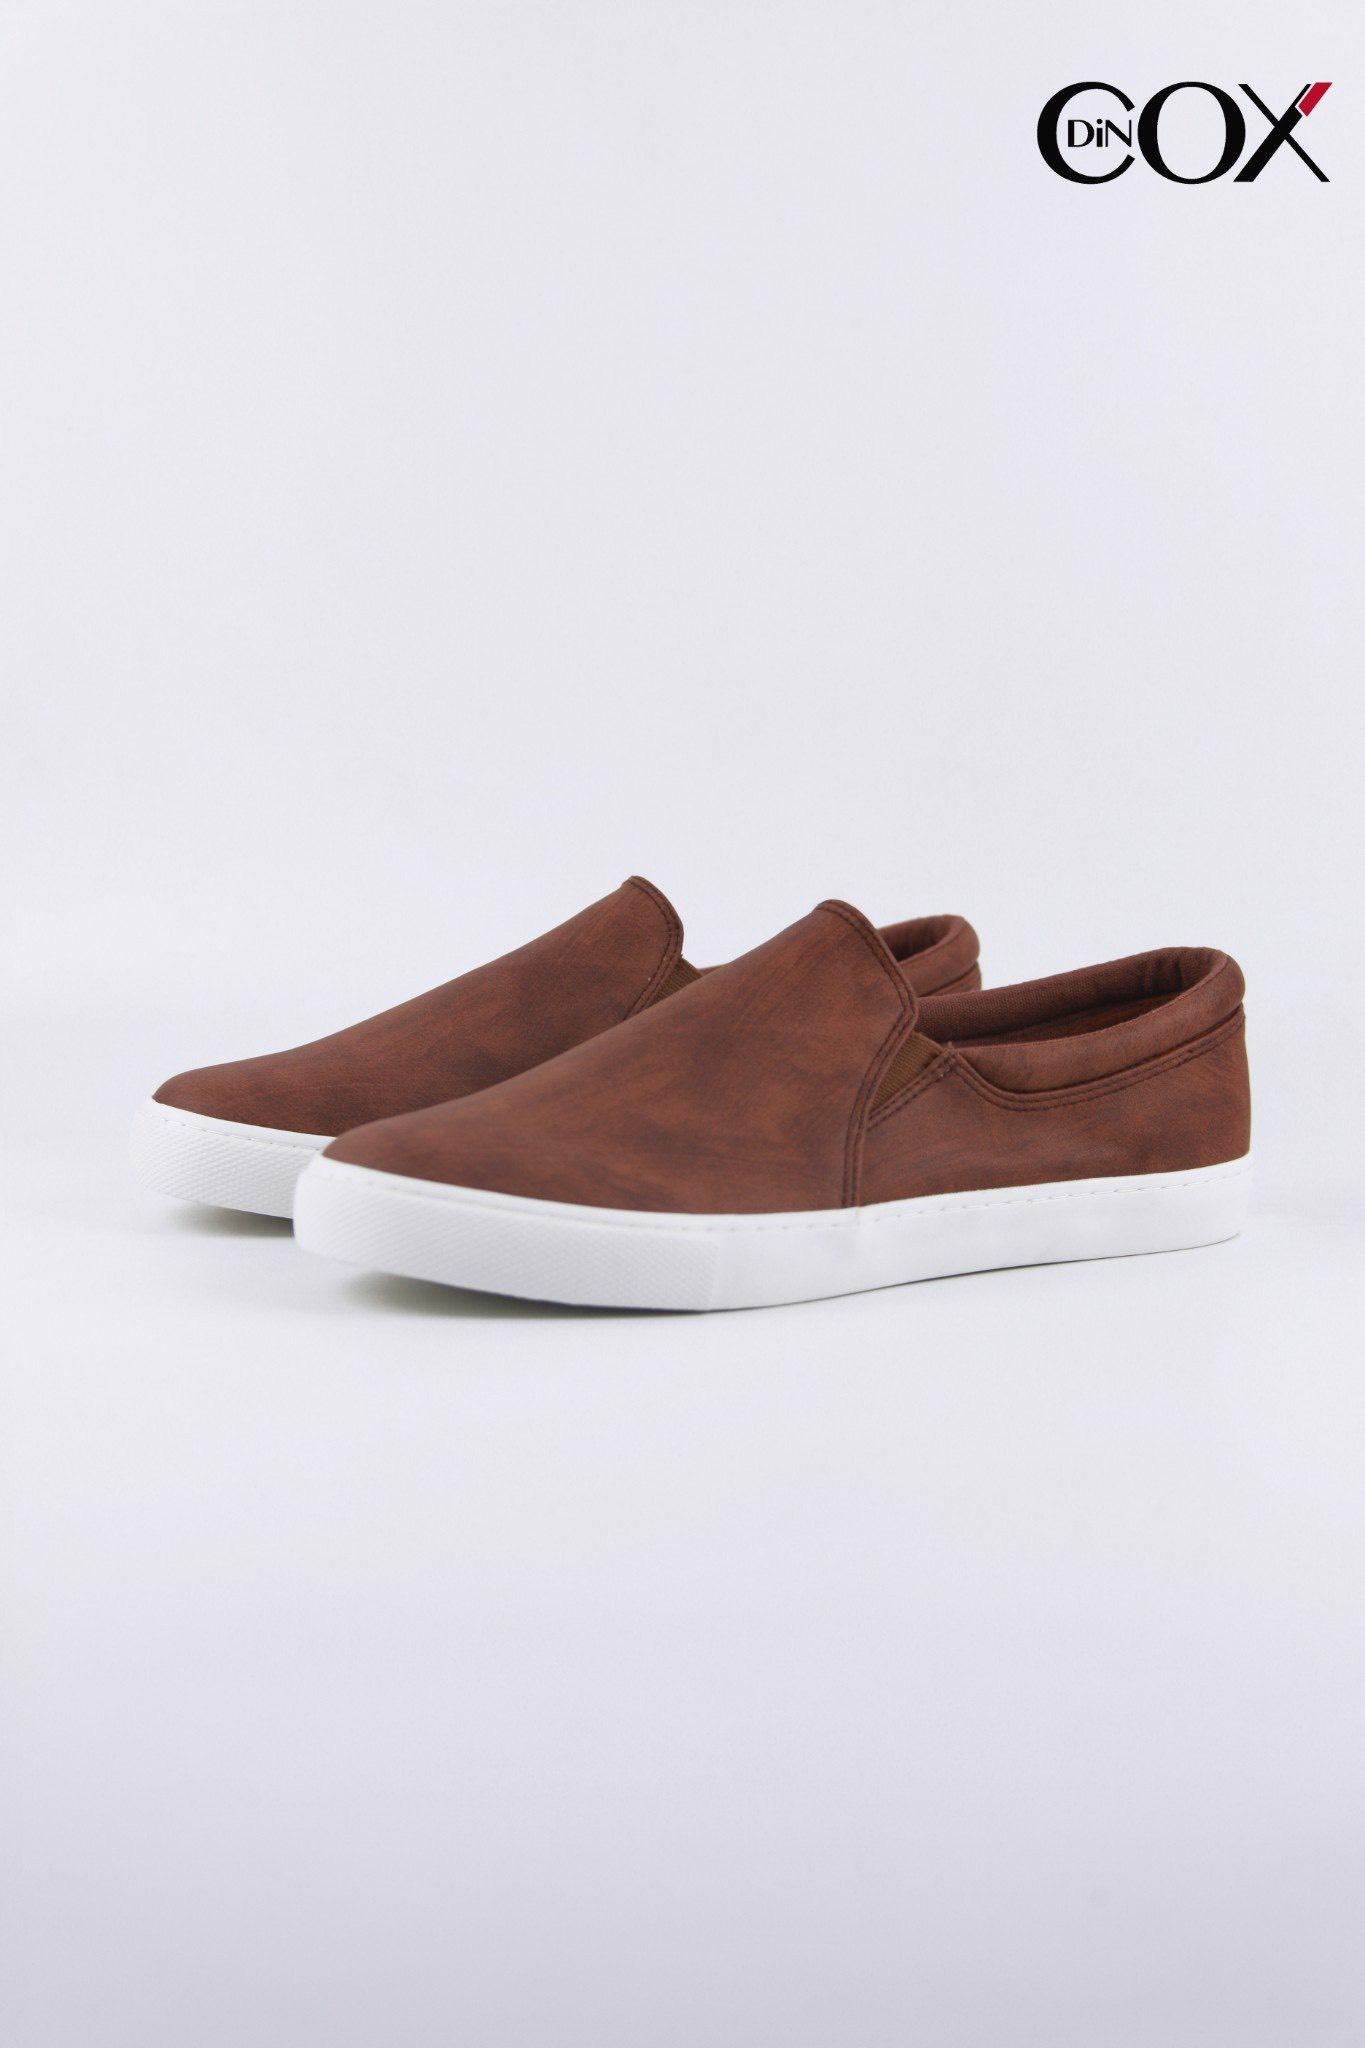 dincox1938-brown